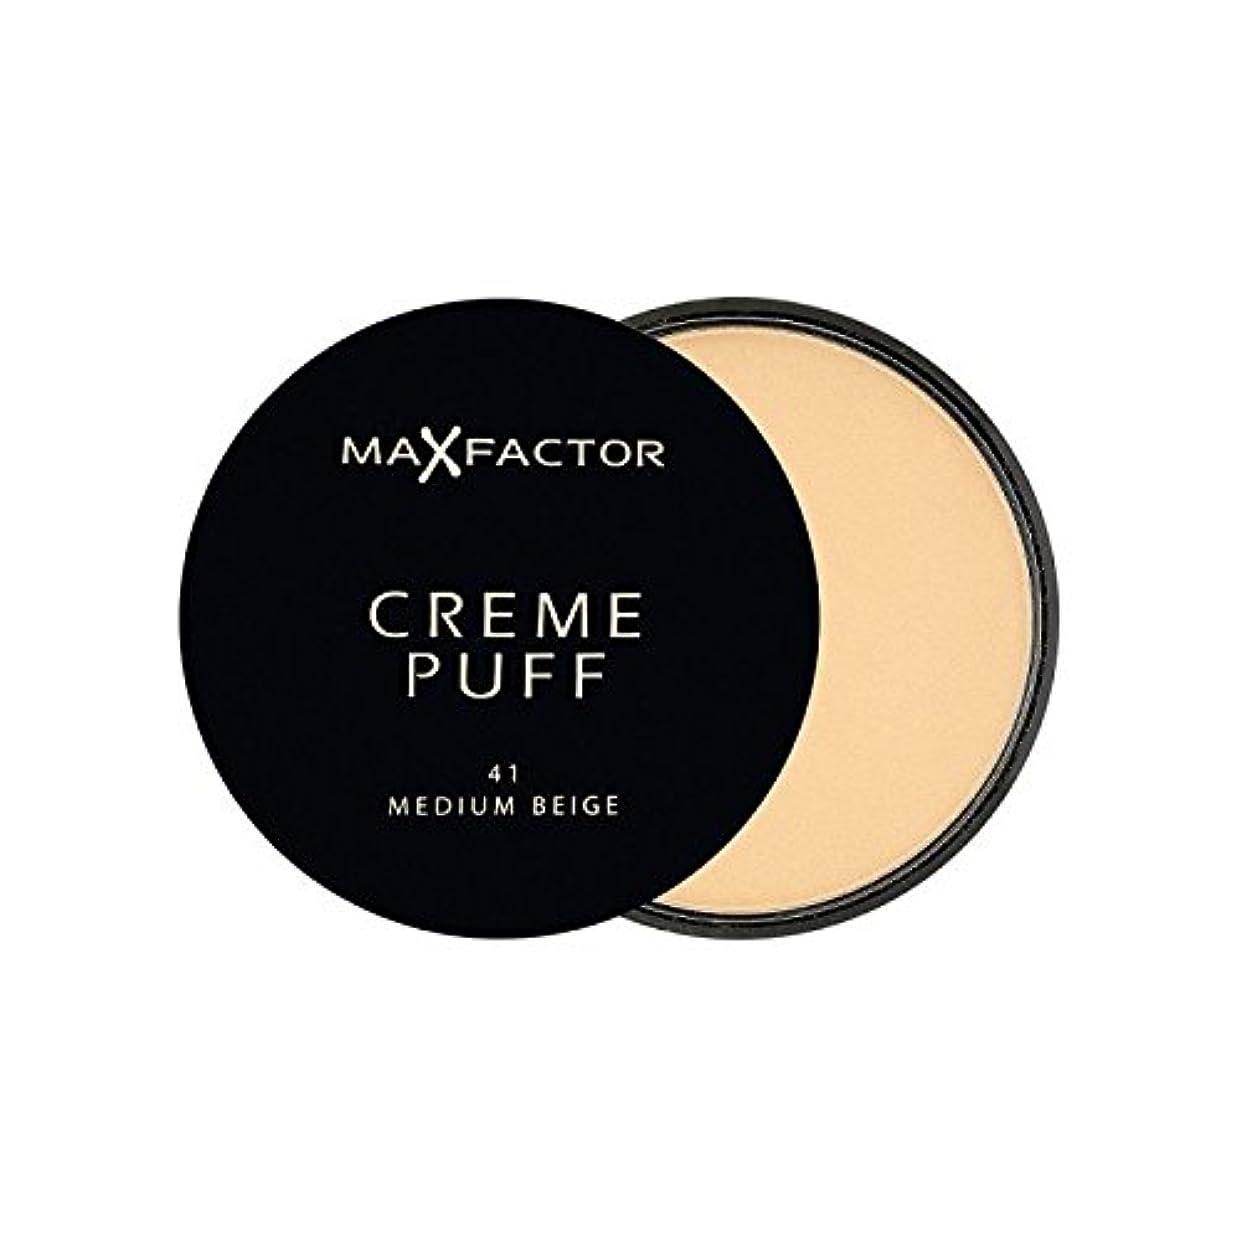 お香グローブ編集するマックスファクタークリームパフ粉末コンパクト媒体ベージュ41 x4 - Max Factor Creme Puff Powder Compact Medium Beige 41 (Pack of 4) [並行輸入品]